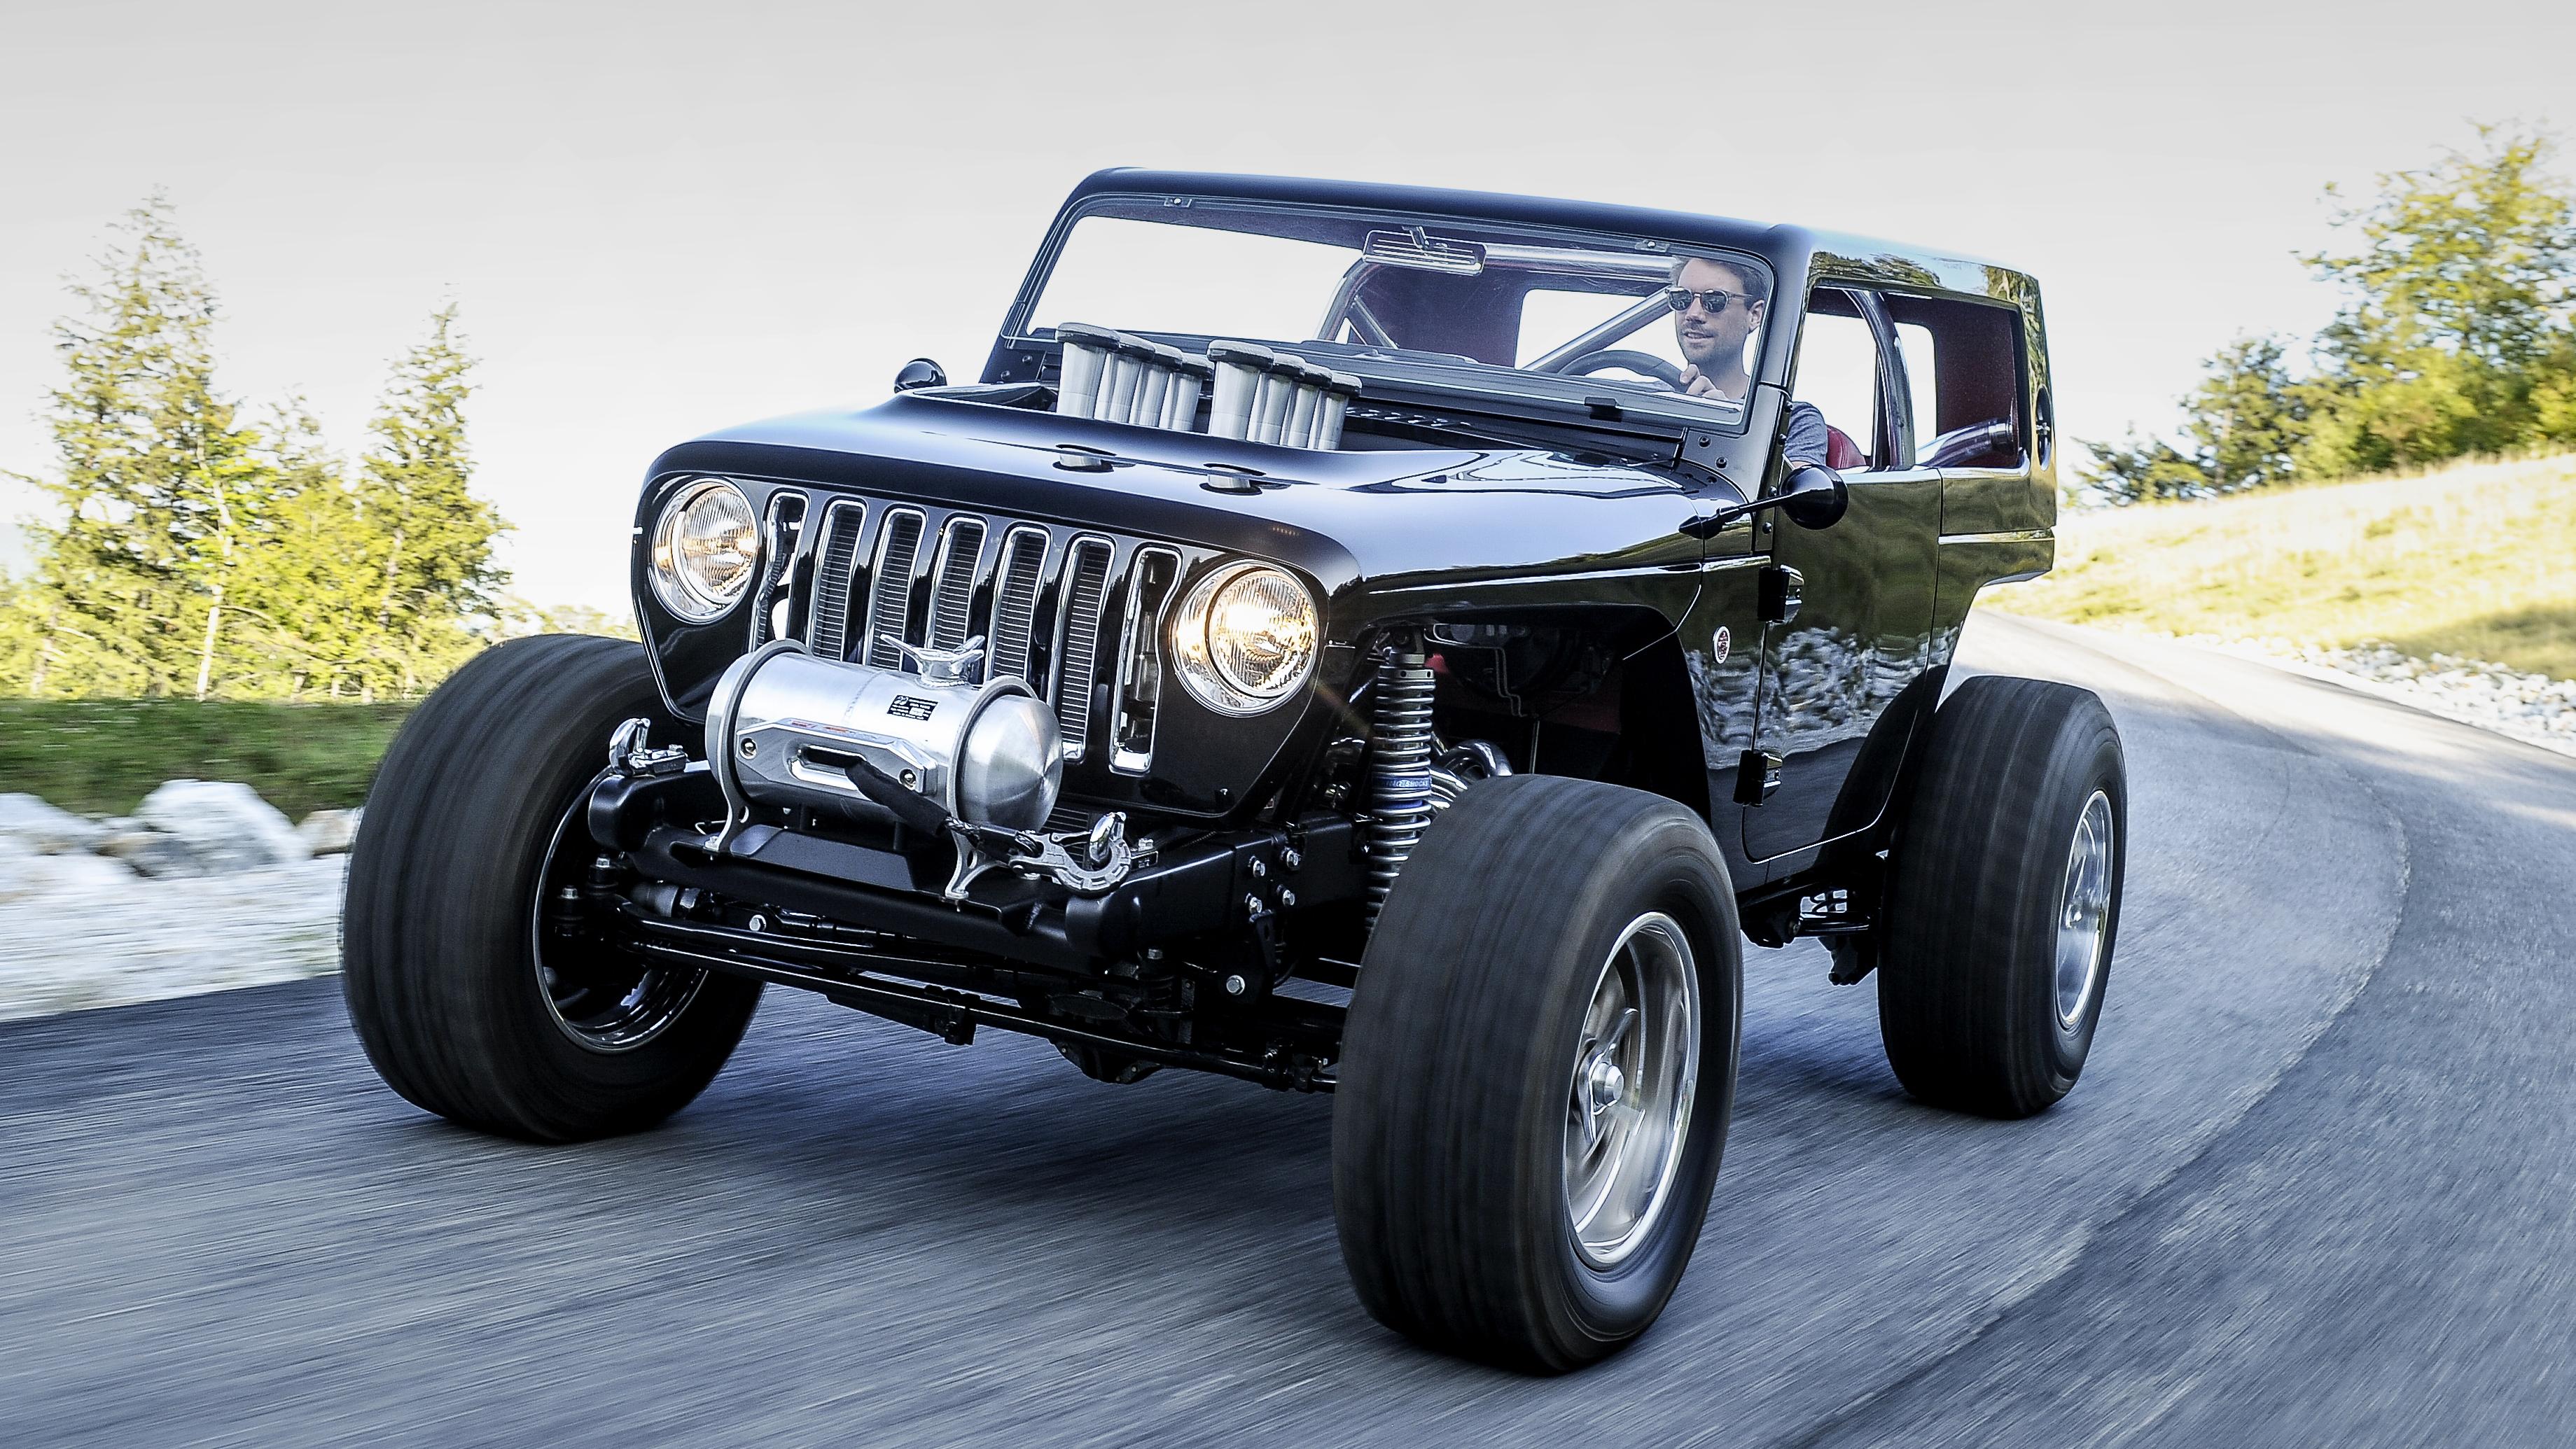 Jeep Quicksand Concept front quarter